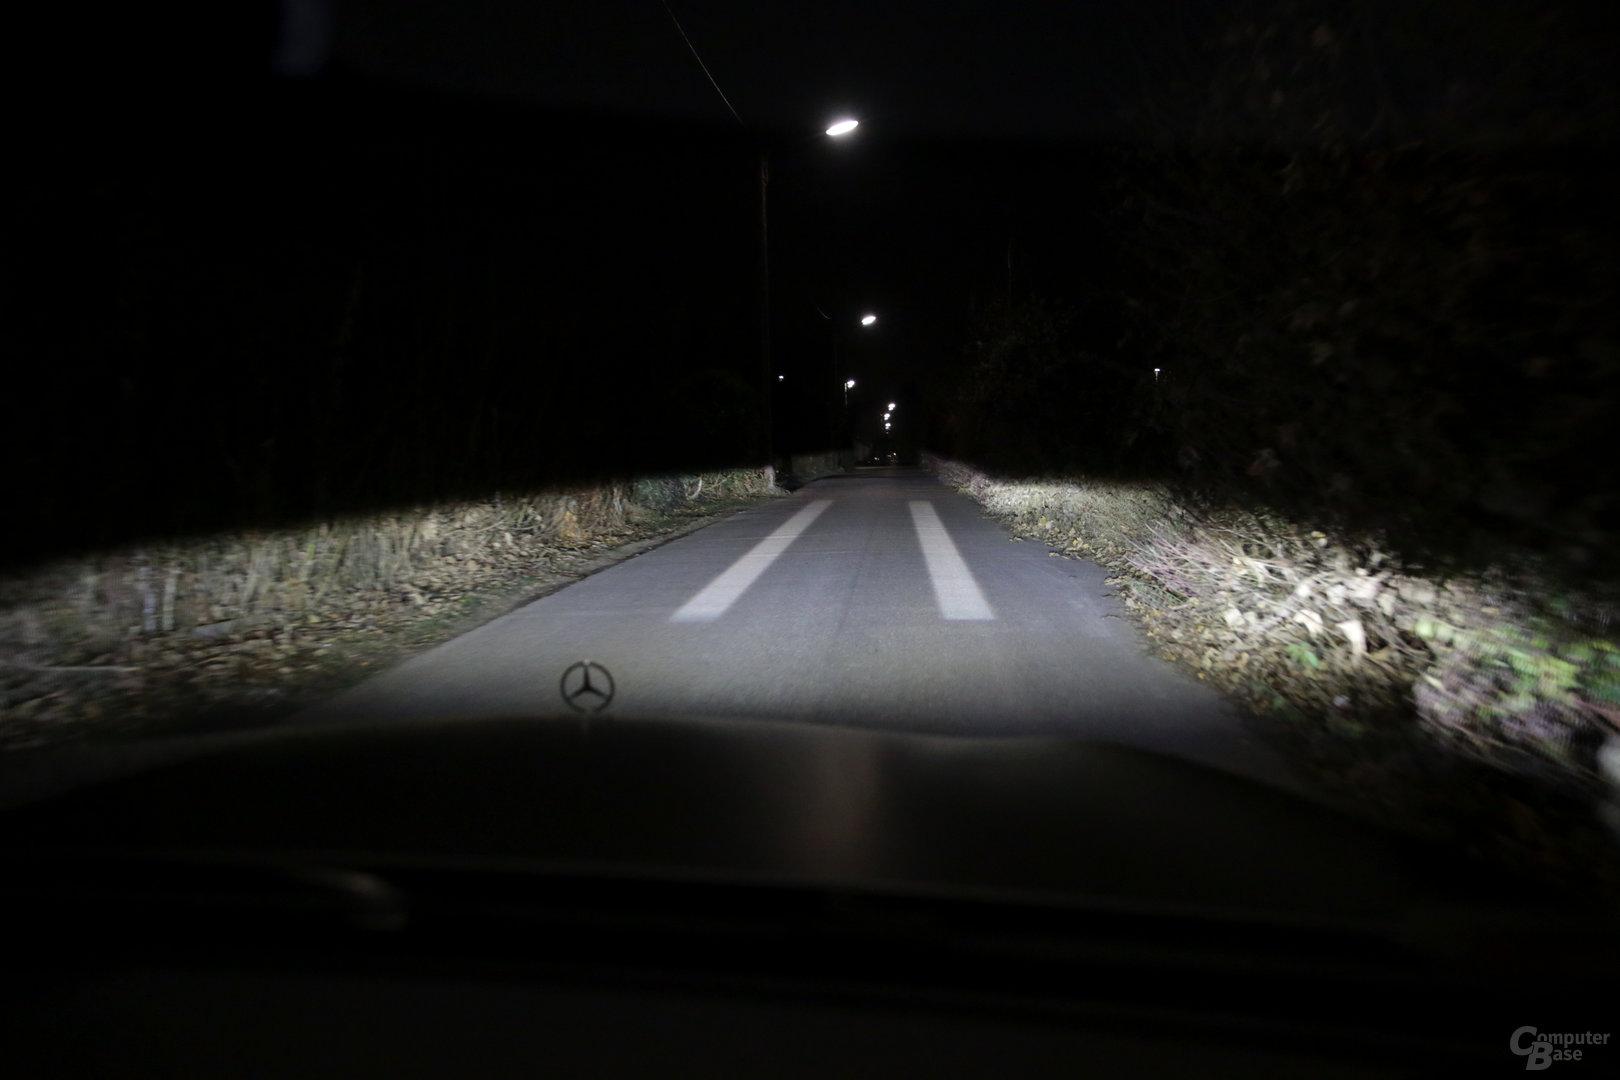 Fehlende Fahrbahnmarkierungen auf die Straße projiziert